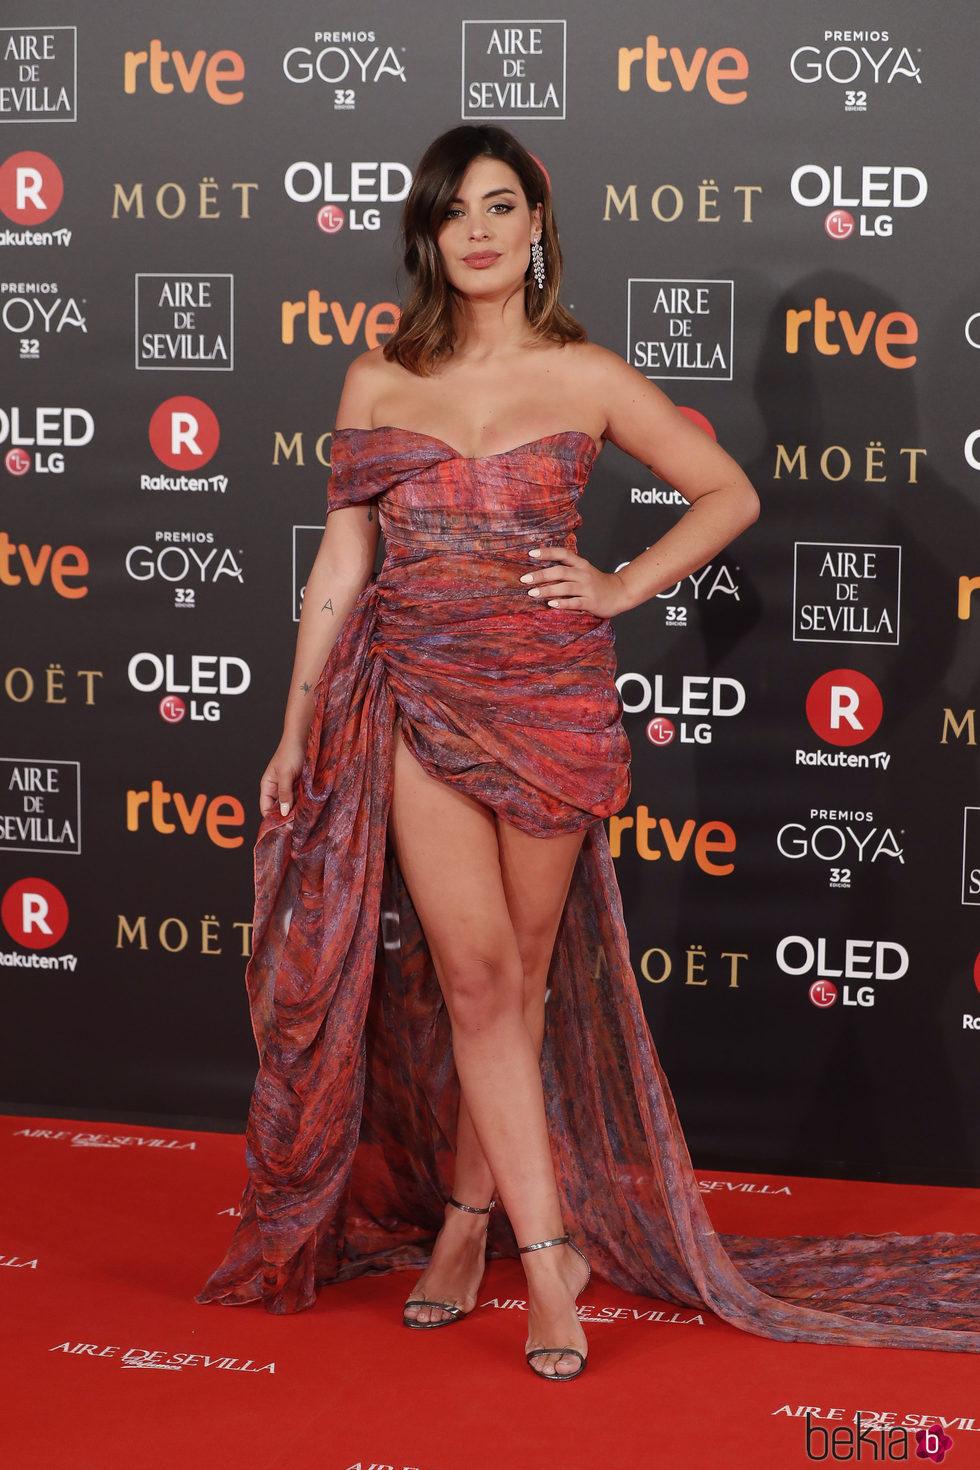 Dulceida con un vestido asimétrico en la alfombra roja de los Premios Goya 2018